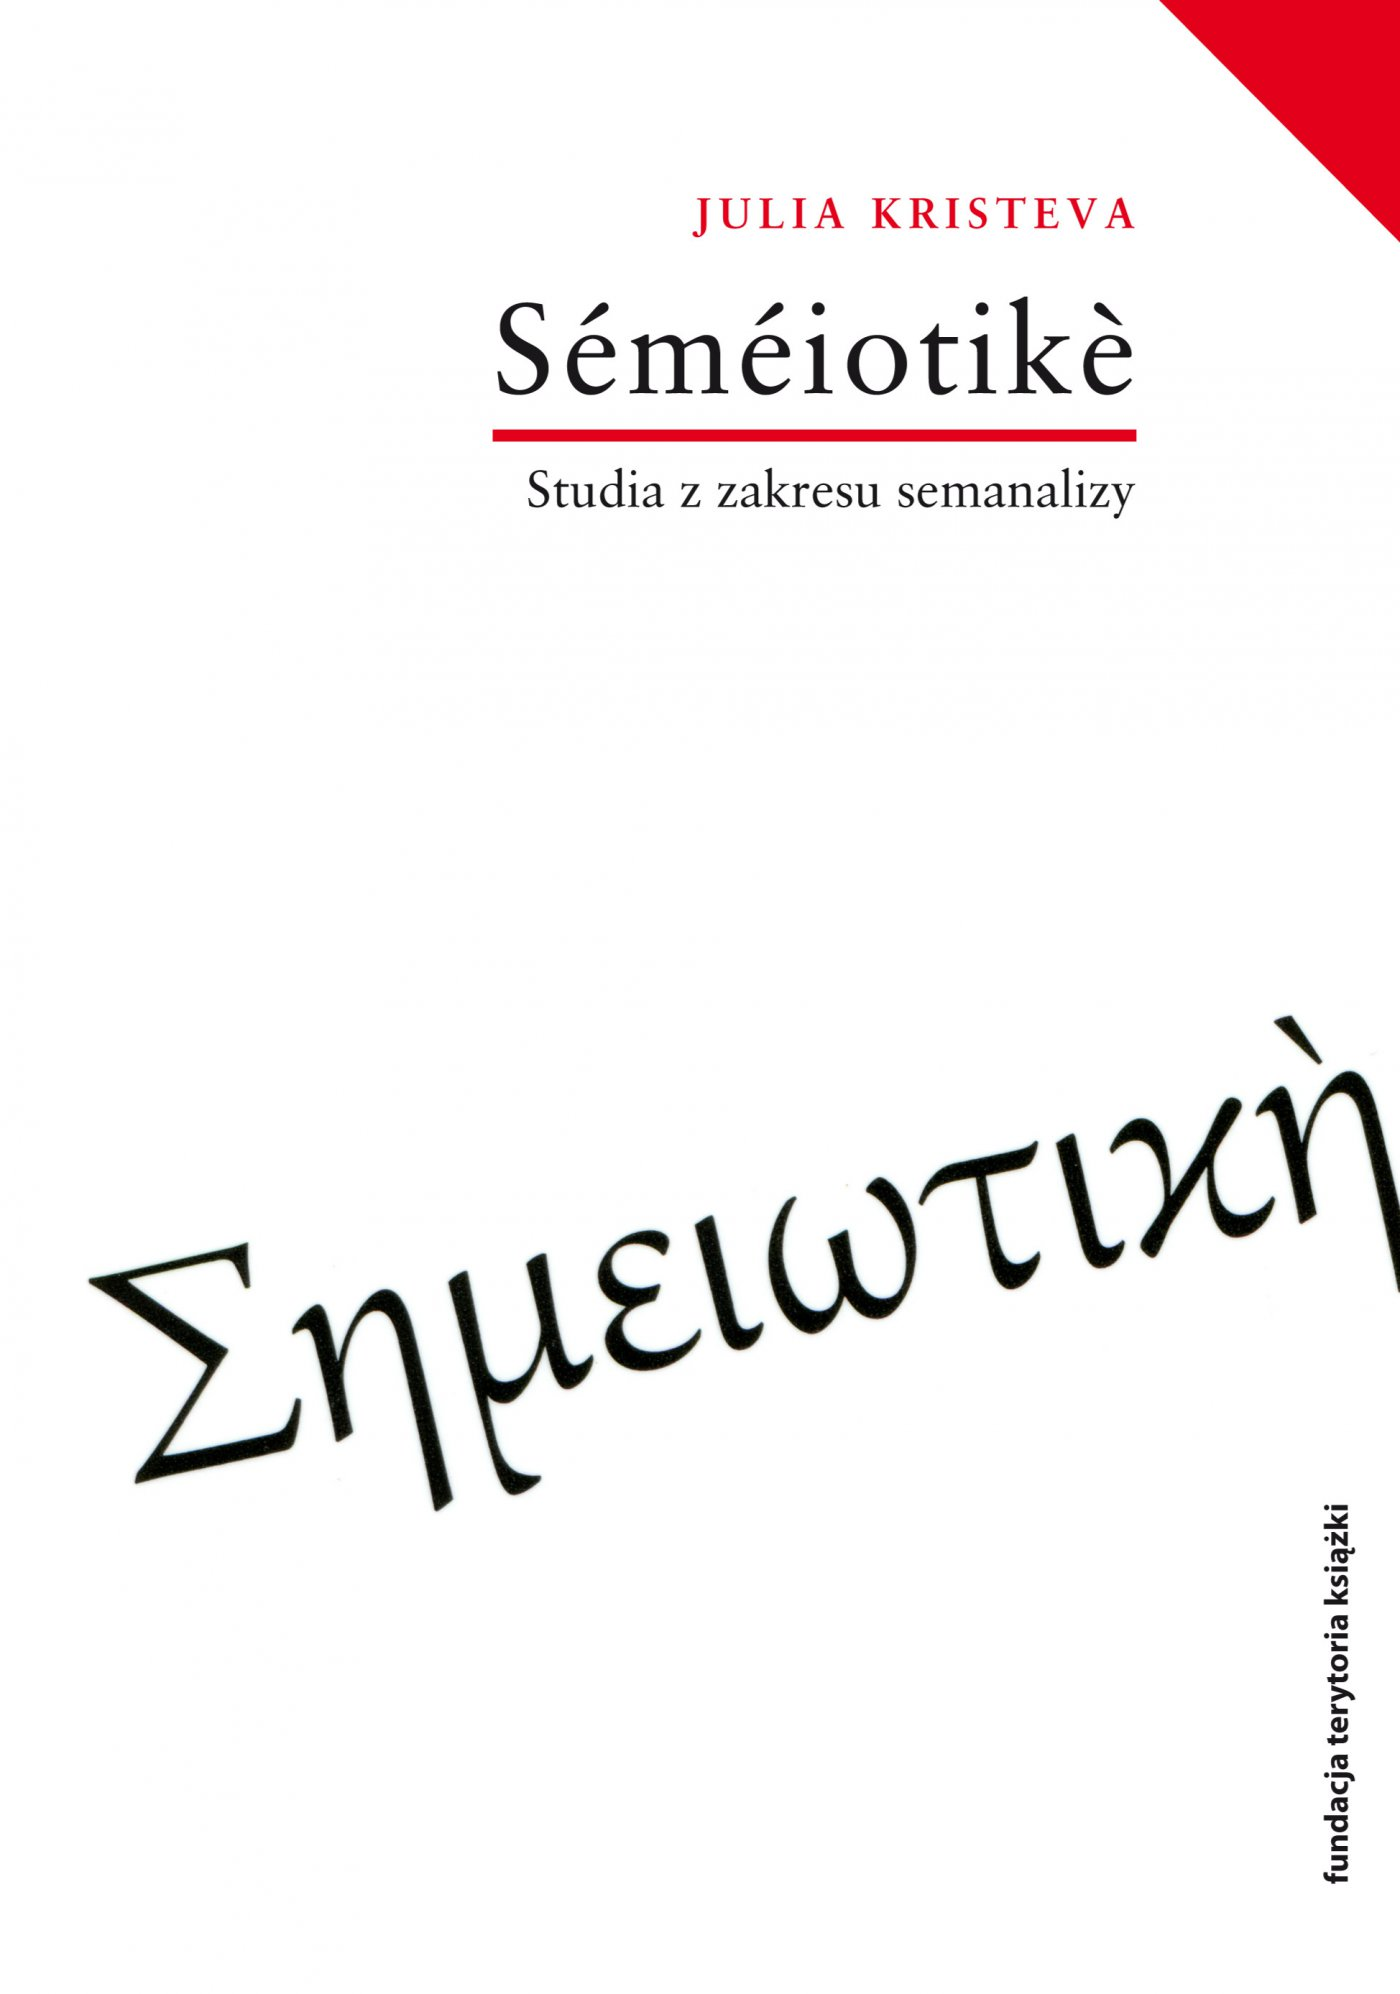 Semeiotike. Studia z zakresu semanalizy - Ebook (Książka na Kindle) do pobrania w formacie MOBI